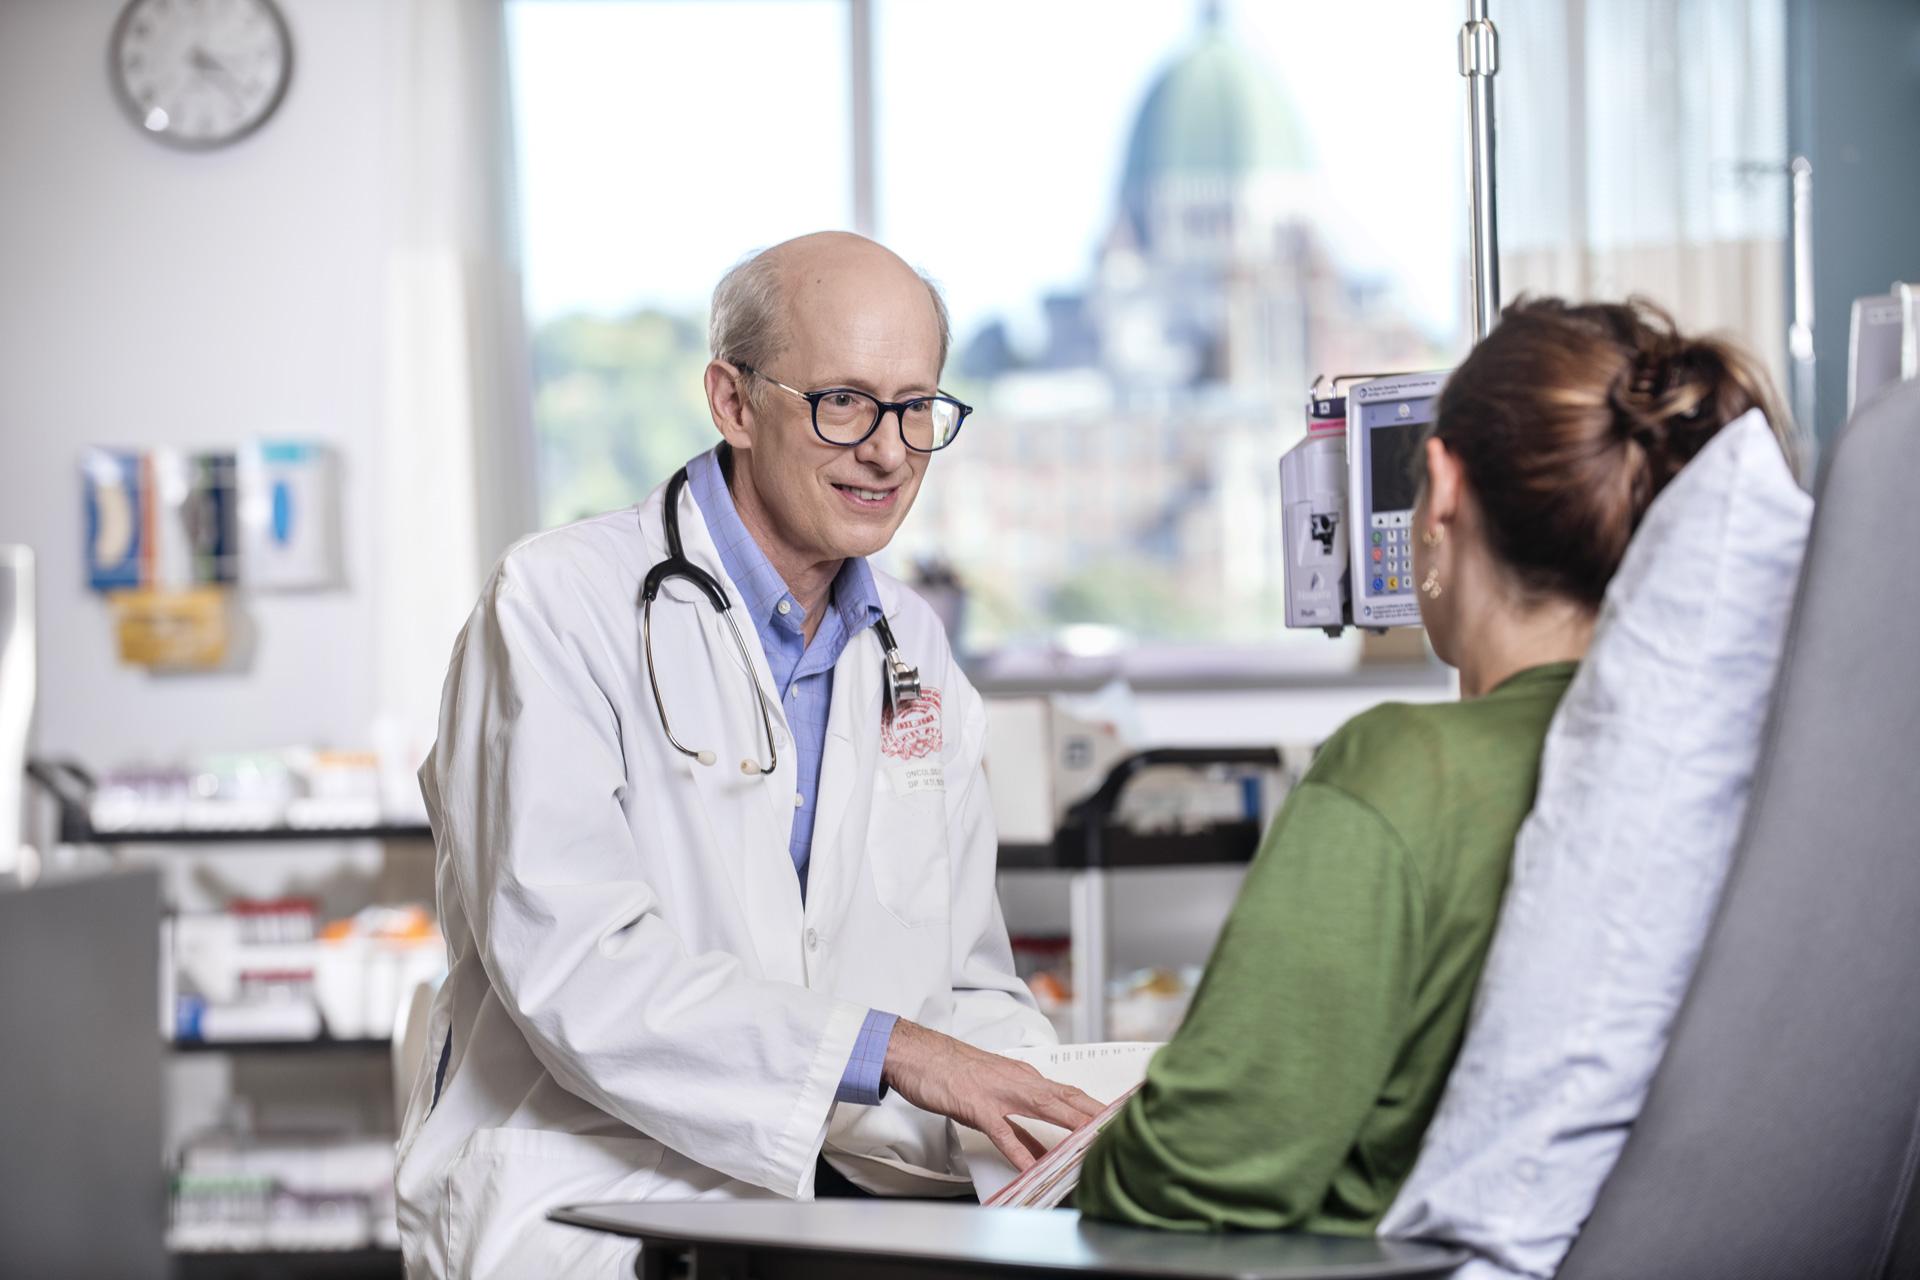 Dr Wilson H. Miller - Directeur de l'Unité de recherche clinique de l'Institut Lady Davis à l'Hôpital général juif de Montréal